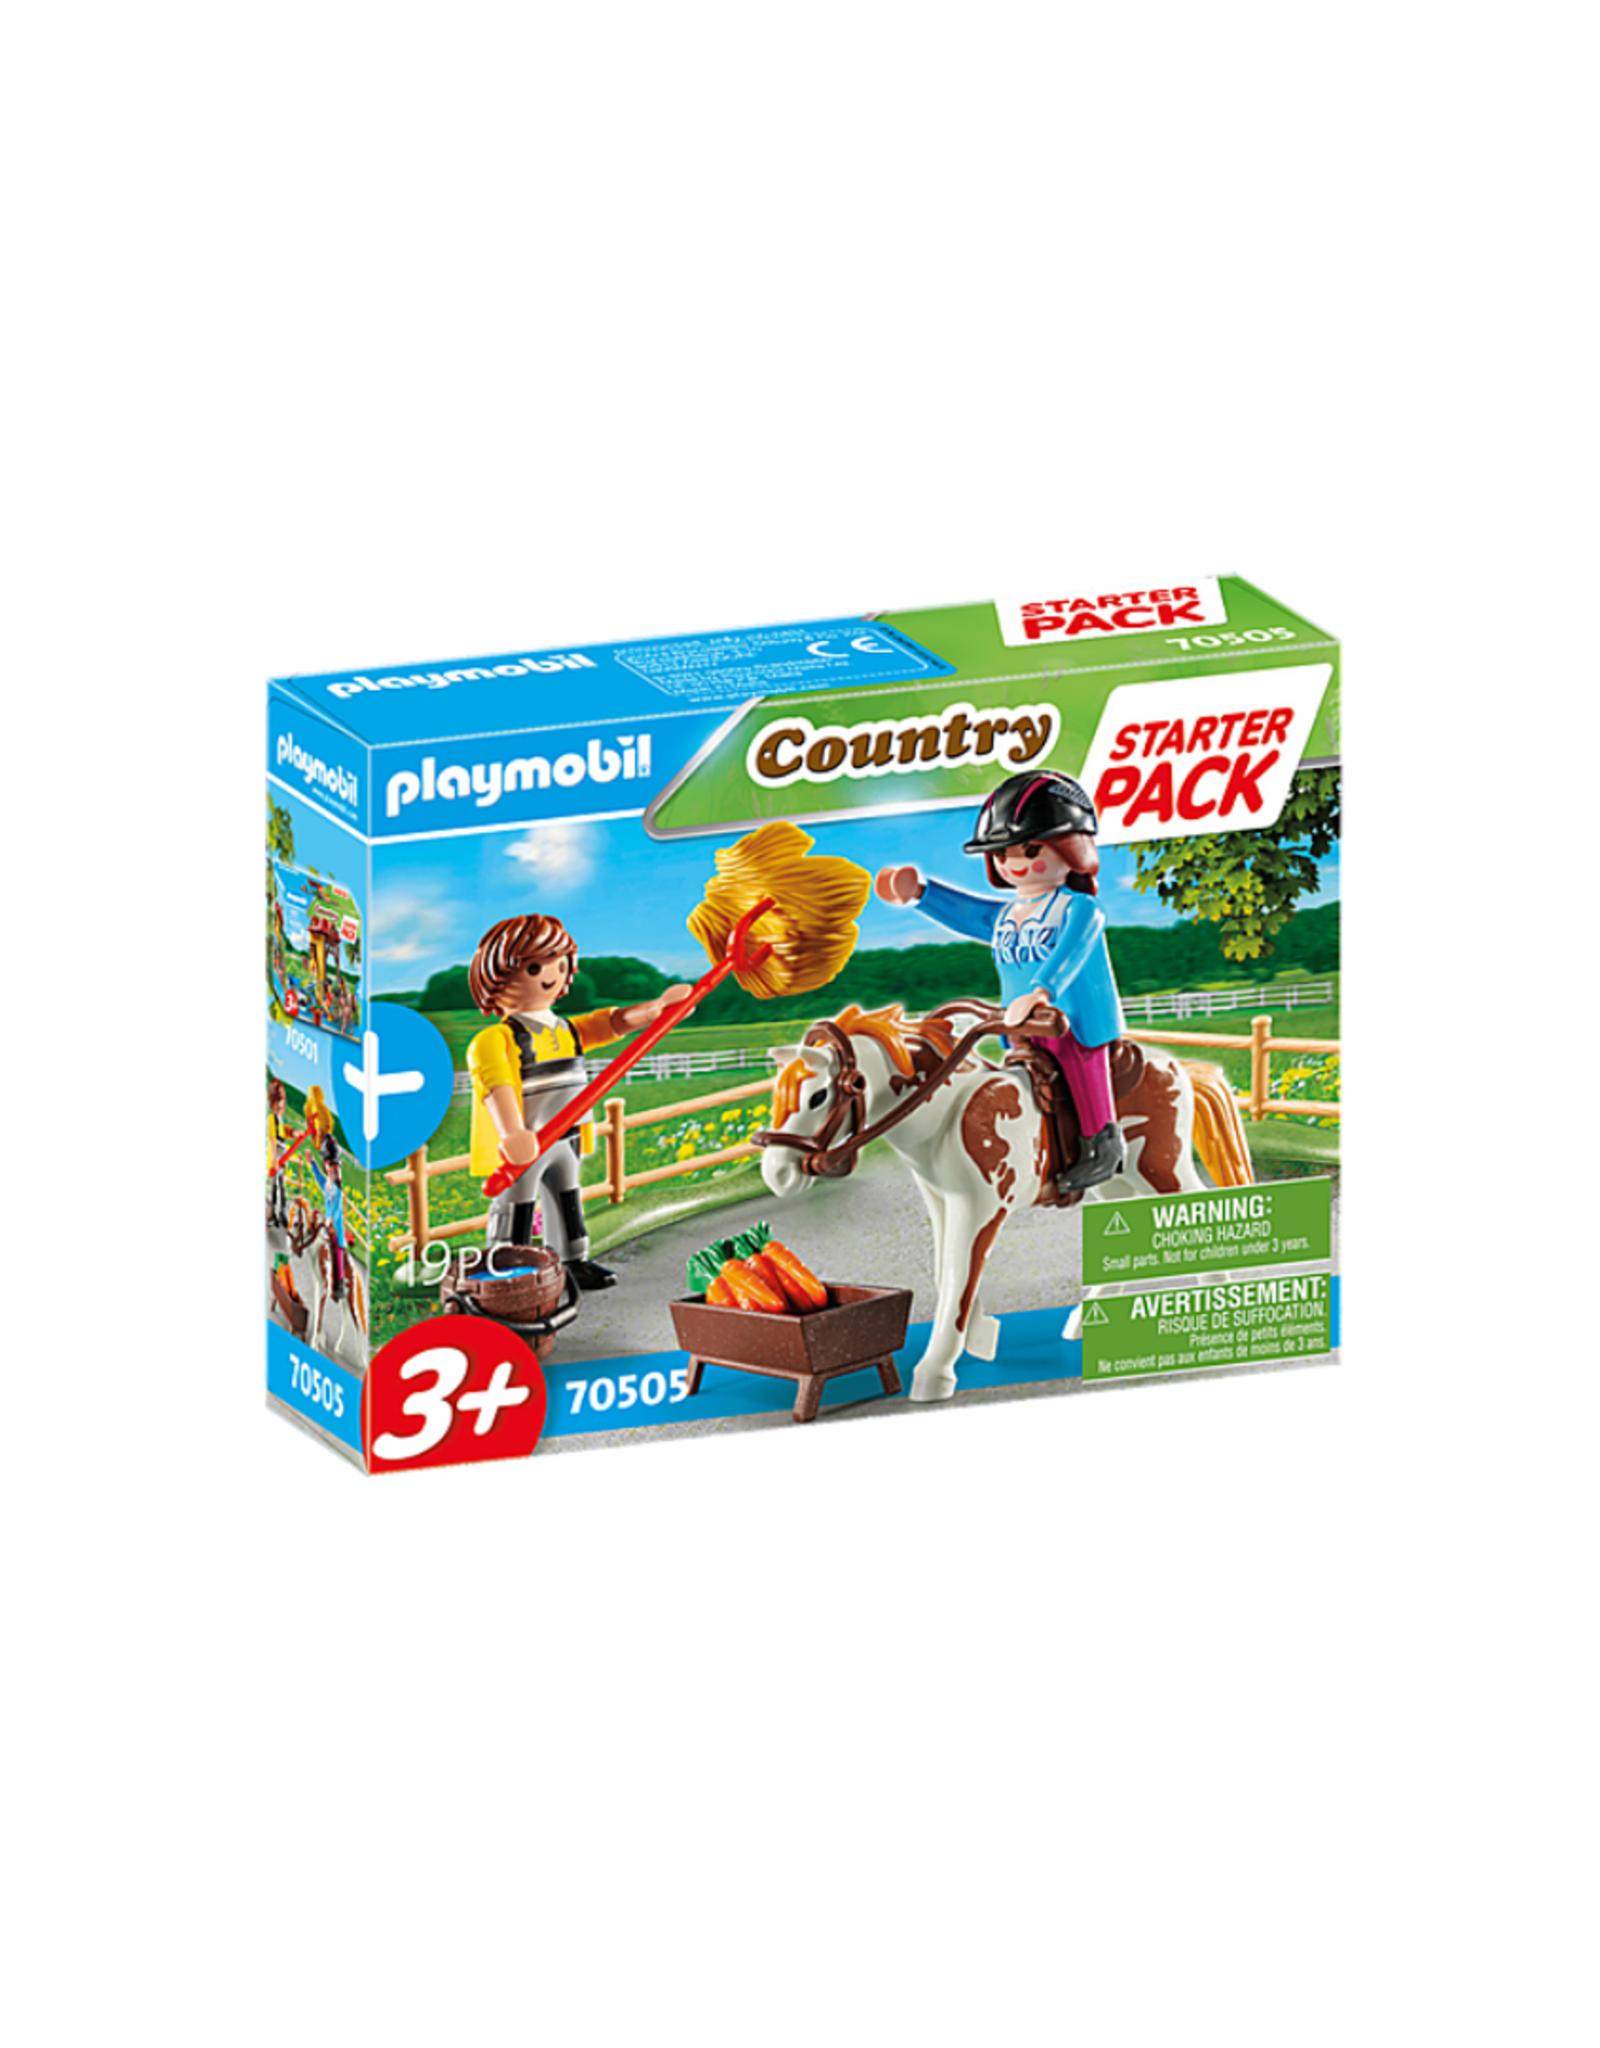 Playmobil PM - Starter Pack Horseback Riding